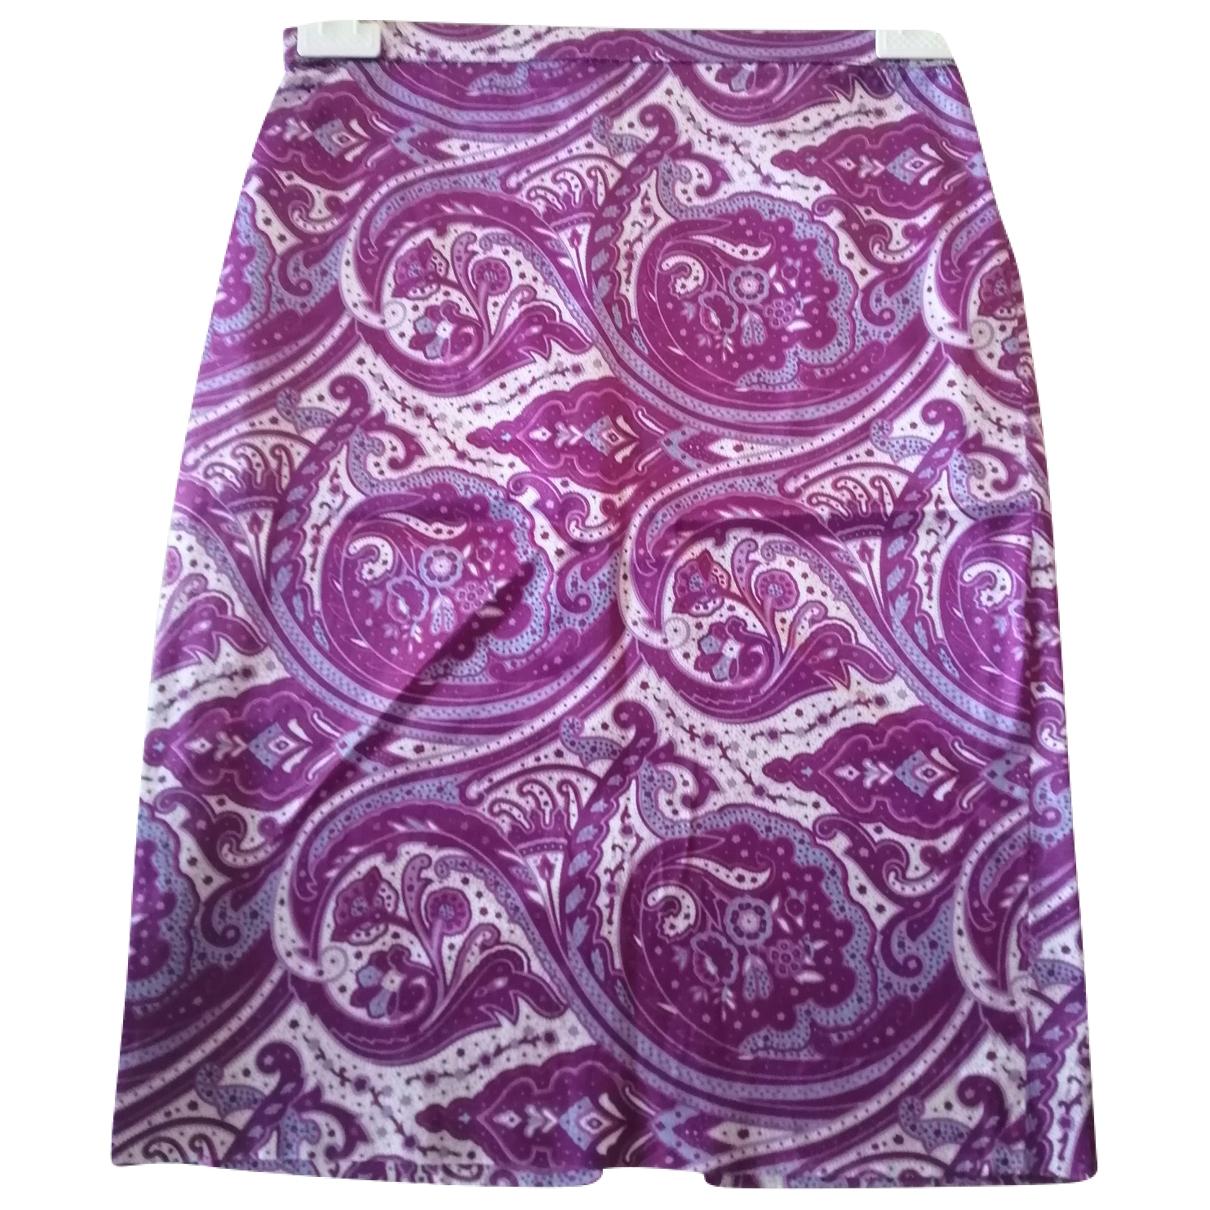 D&g - Jupe   pour femme - violet